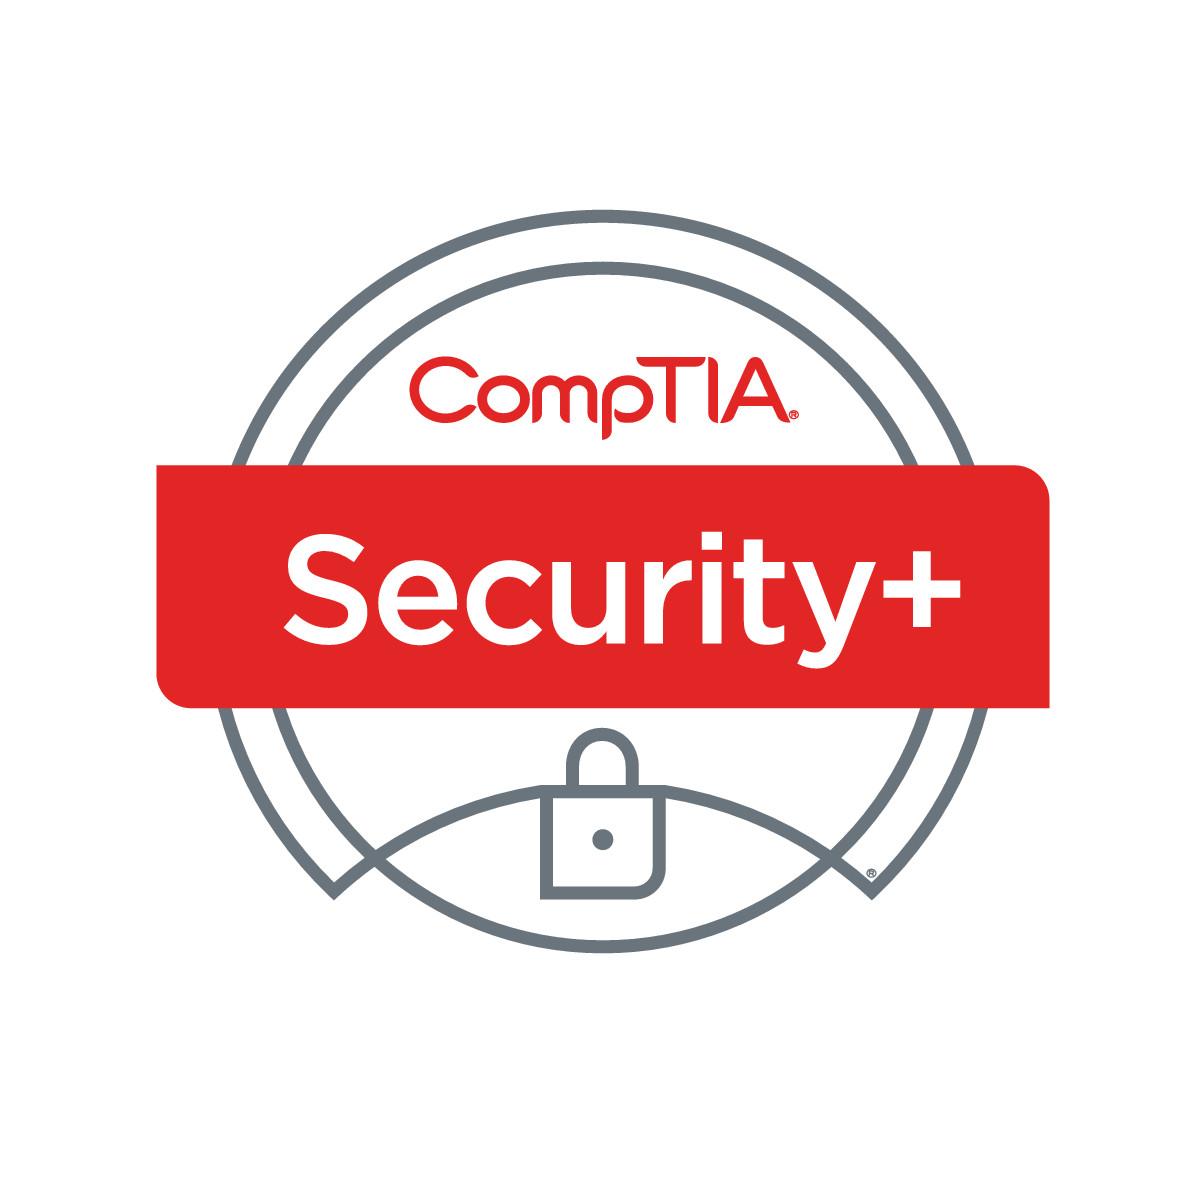 CompTIA Security+ (SY0-601) – Nov 2020